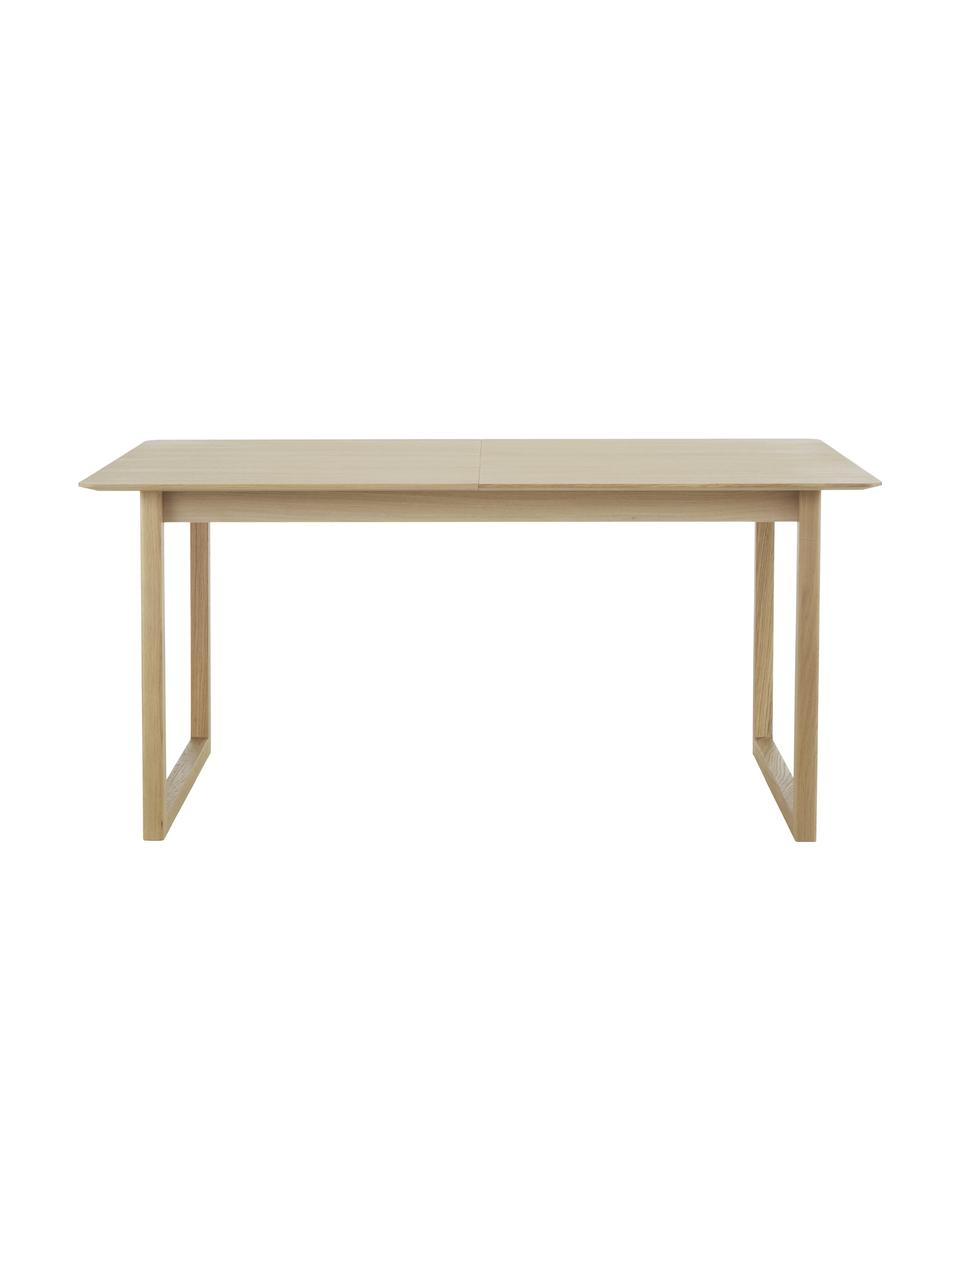 Ausziehbarer Esstisch Calla, 160 - 240 x 90 cm, Tischplatte: Mitteldichte Holzfaserpla, Beine: Massives Eichenholz, Helles Holz, B 160 x T 90 cm